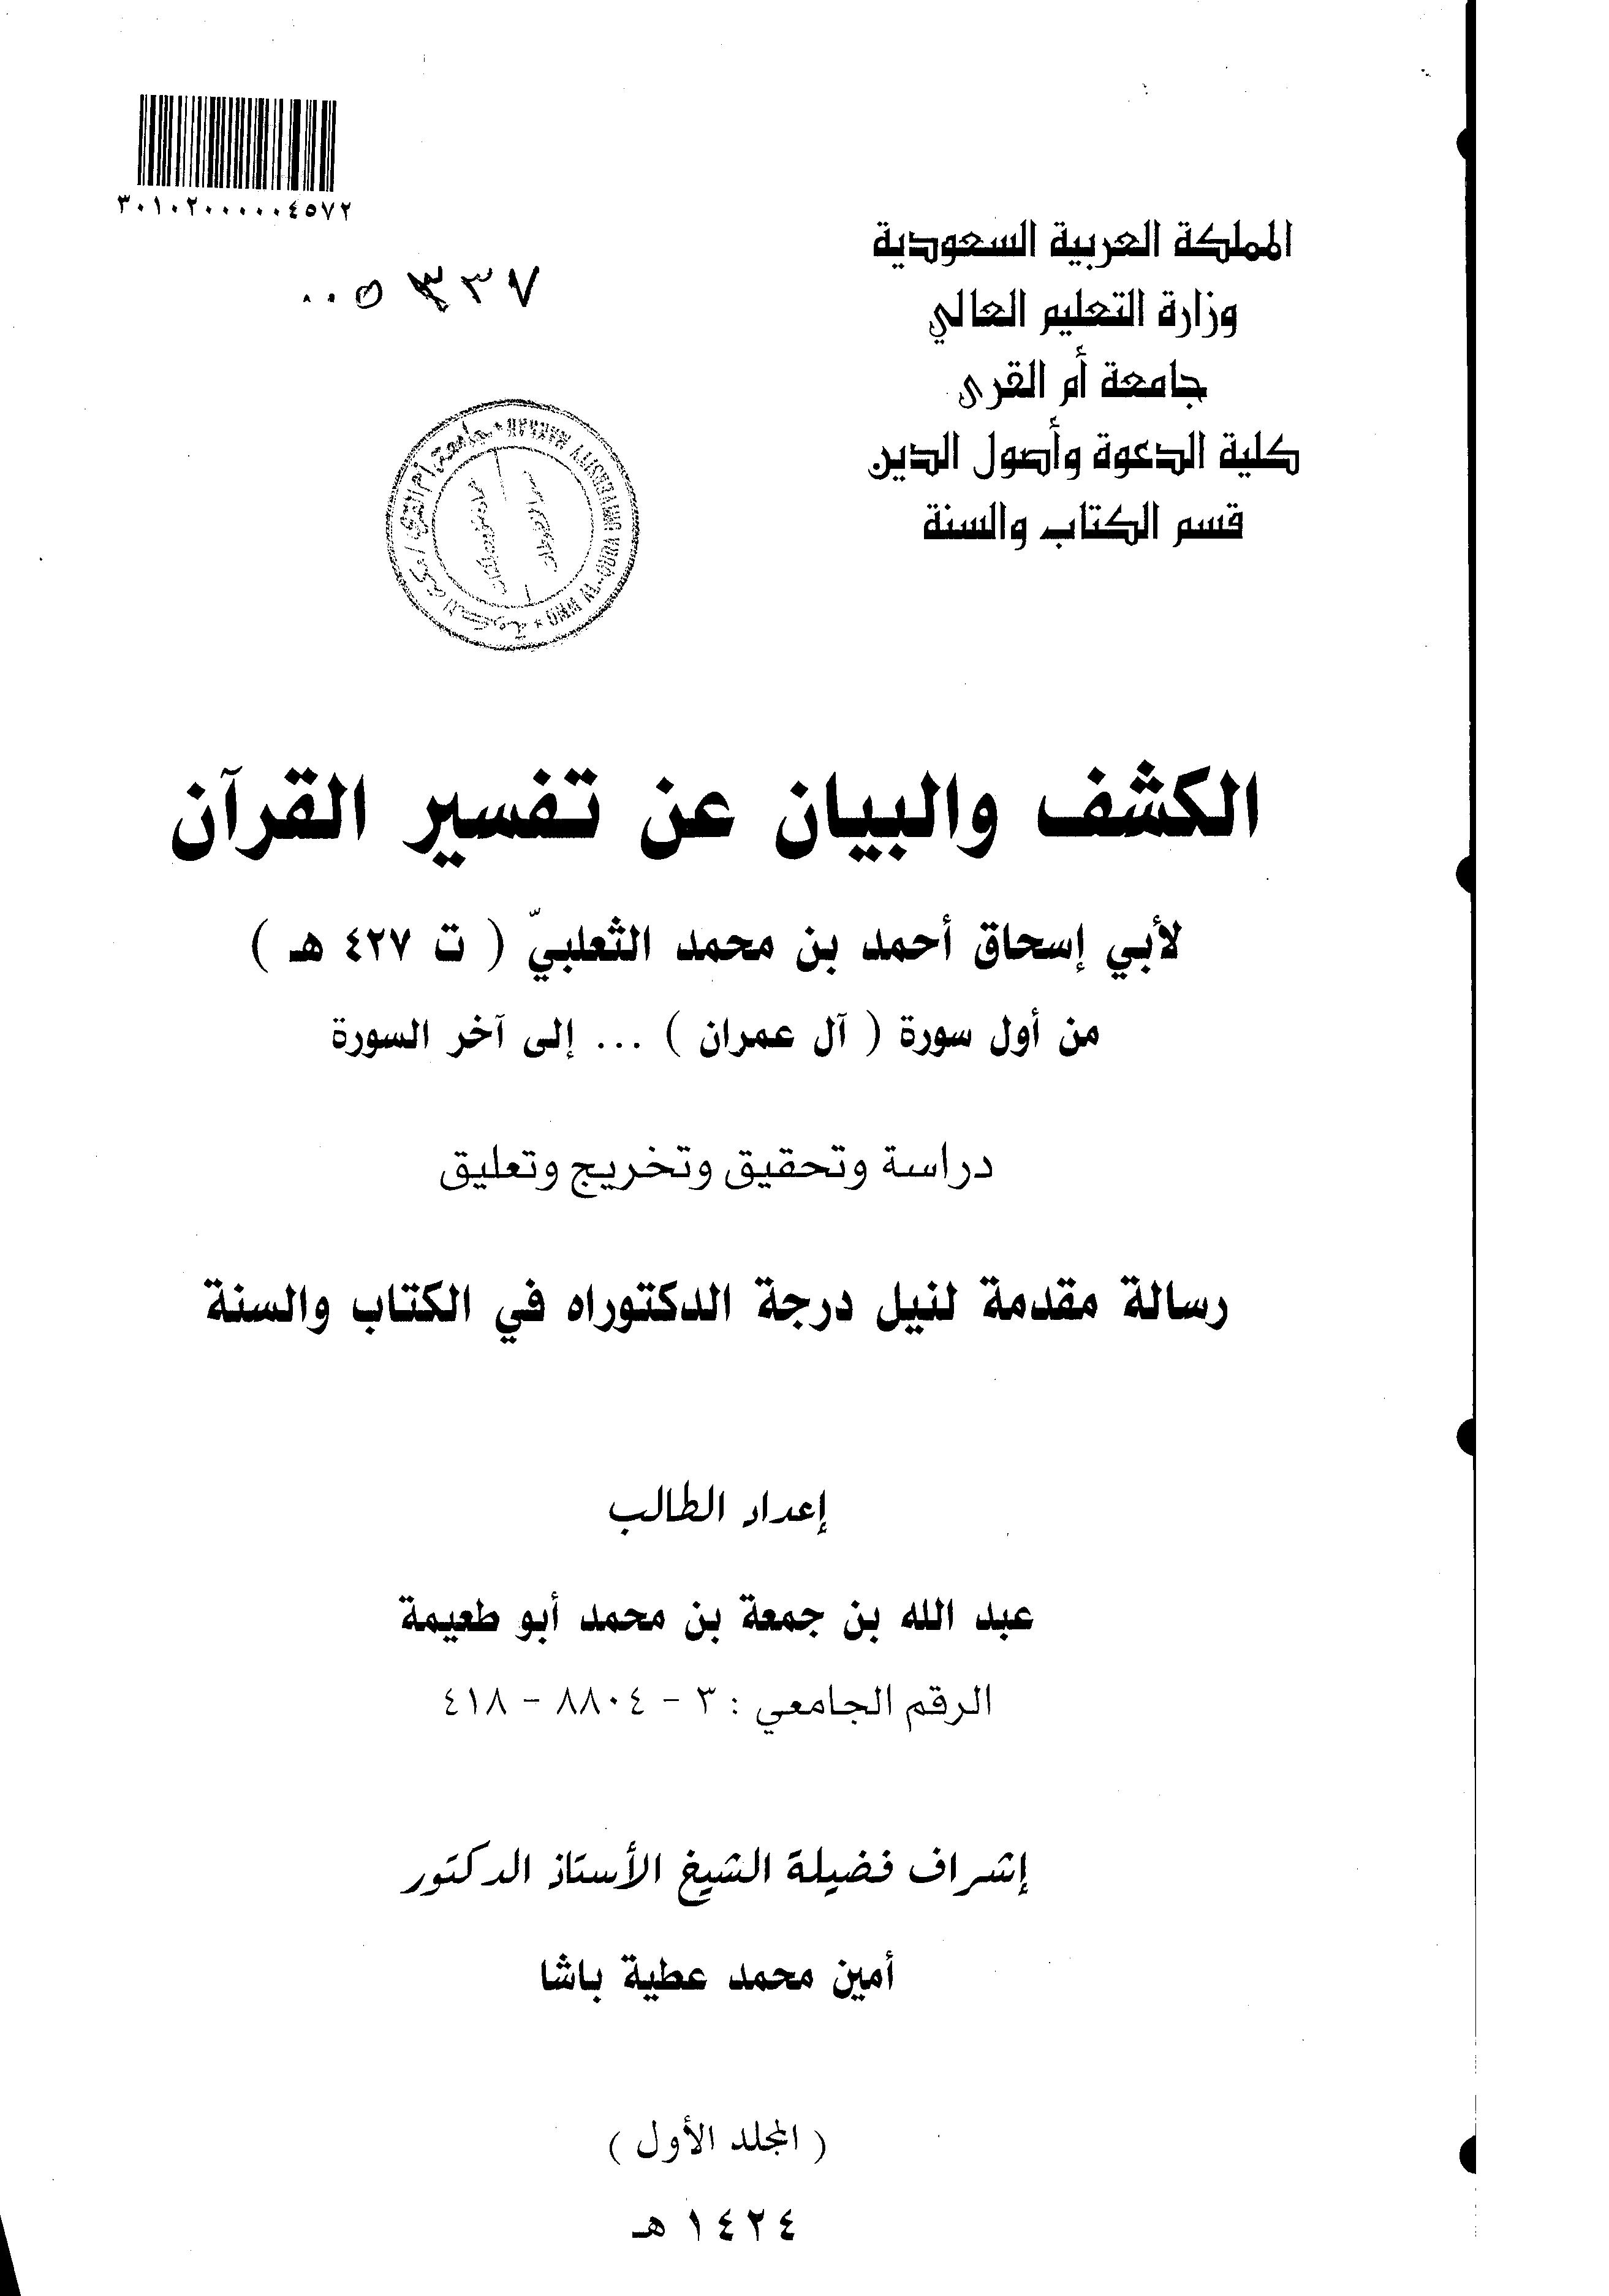 تحميل كتاب الكشف والبيان عن تفسير القرآن (من أول سورة آل عمران إلى آخر السورة) لـِ: الإمام أبو إسحاق أحمد بن محمد بن إبراهيم الثعلبي النيسابوري (ت 427)